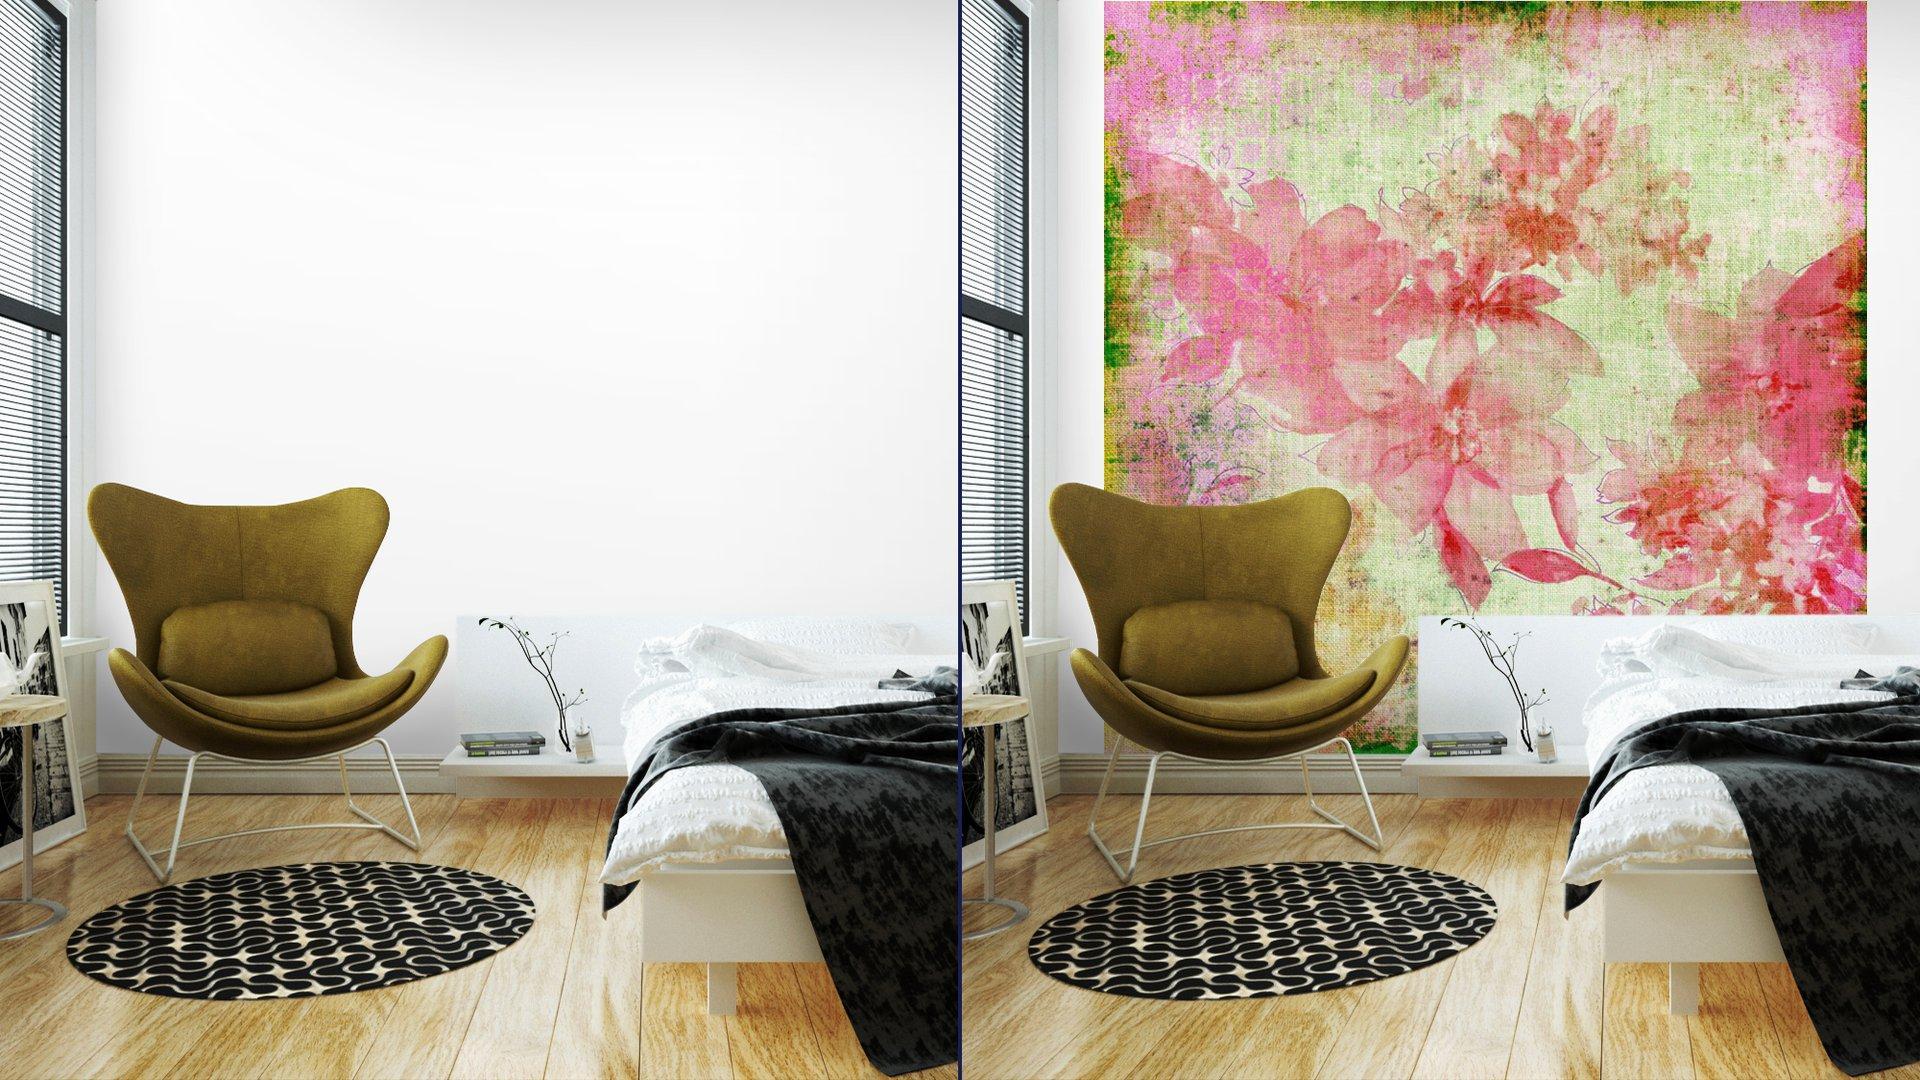 VINTAGE PAPER FLORAL ROSA6 - Fotomural Tapiz Floral Color Rosa 01